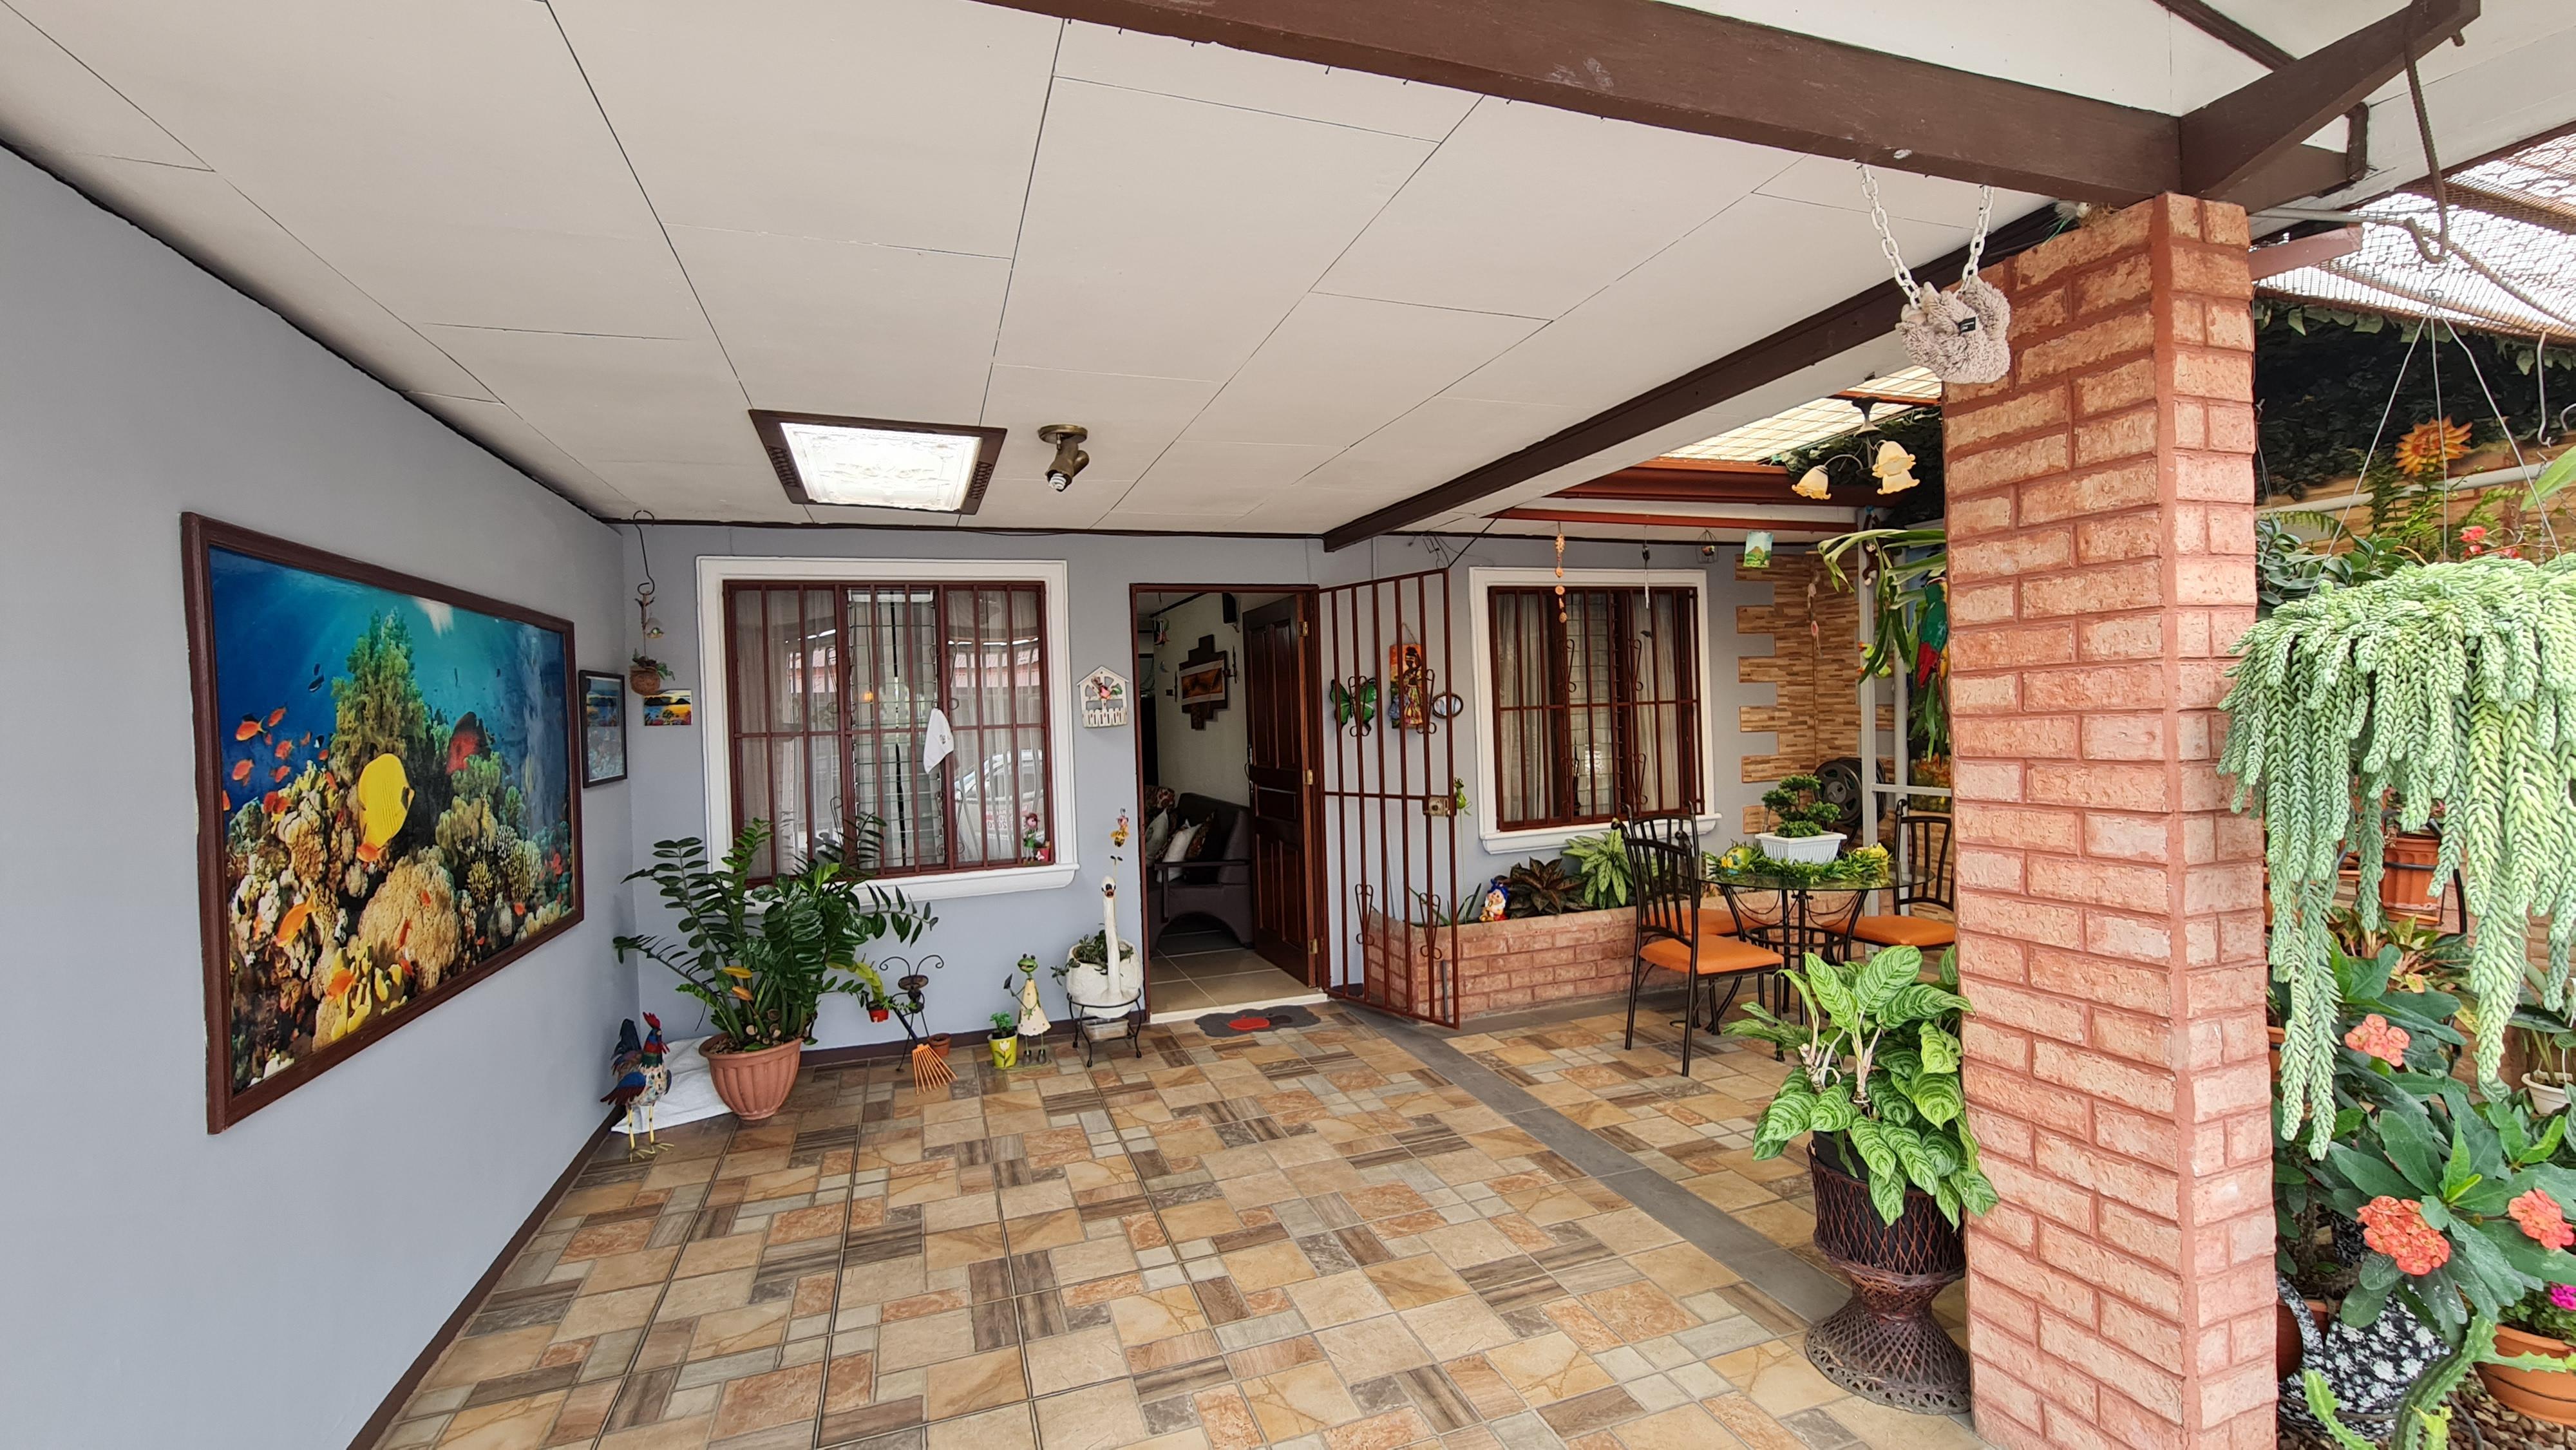 Casa en venta Urbanización Sol Casa, Alajuela, 135 m2, ¢51.000.000=